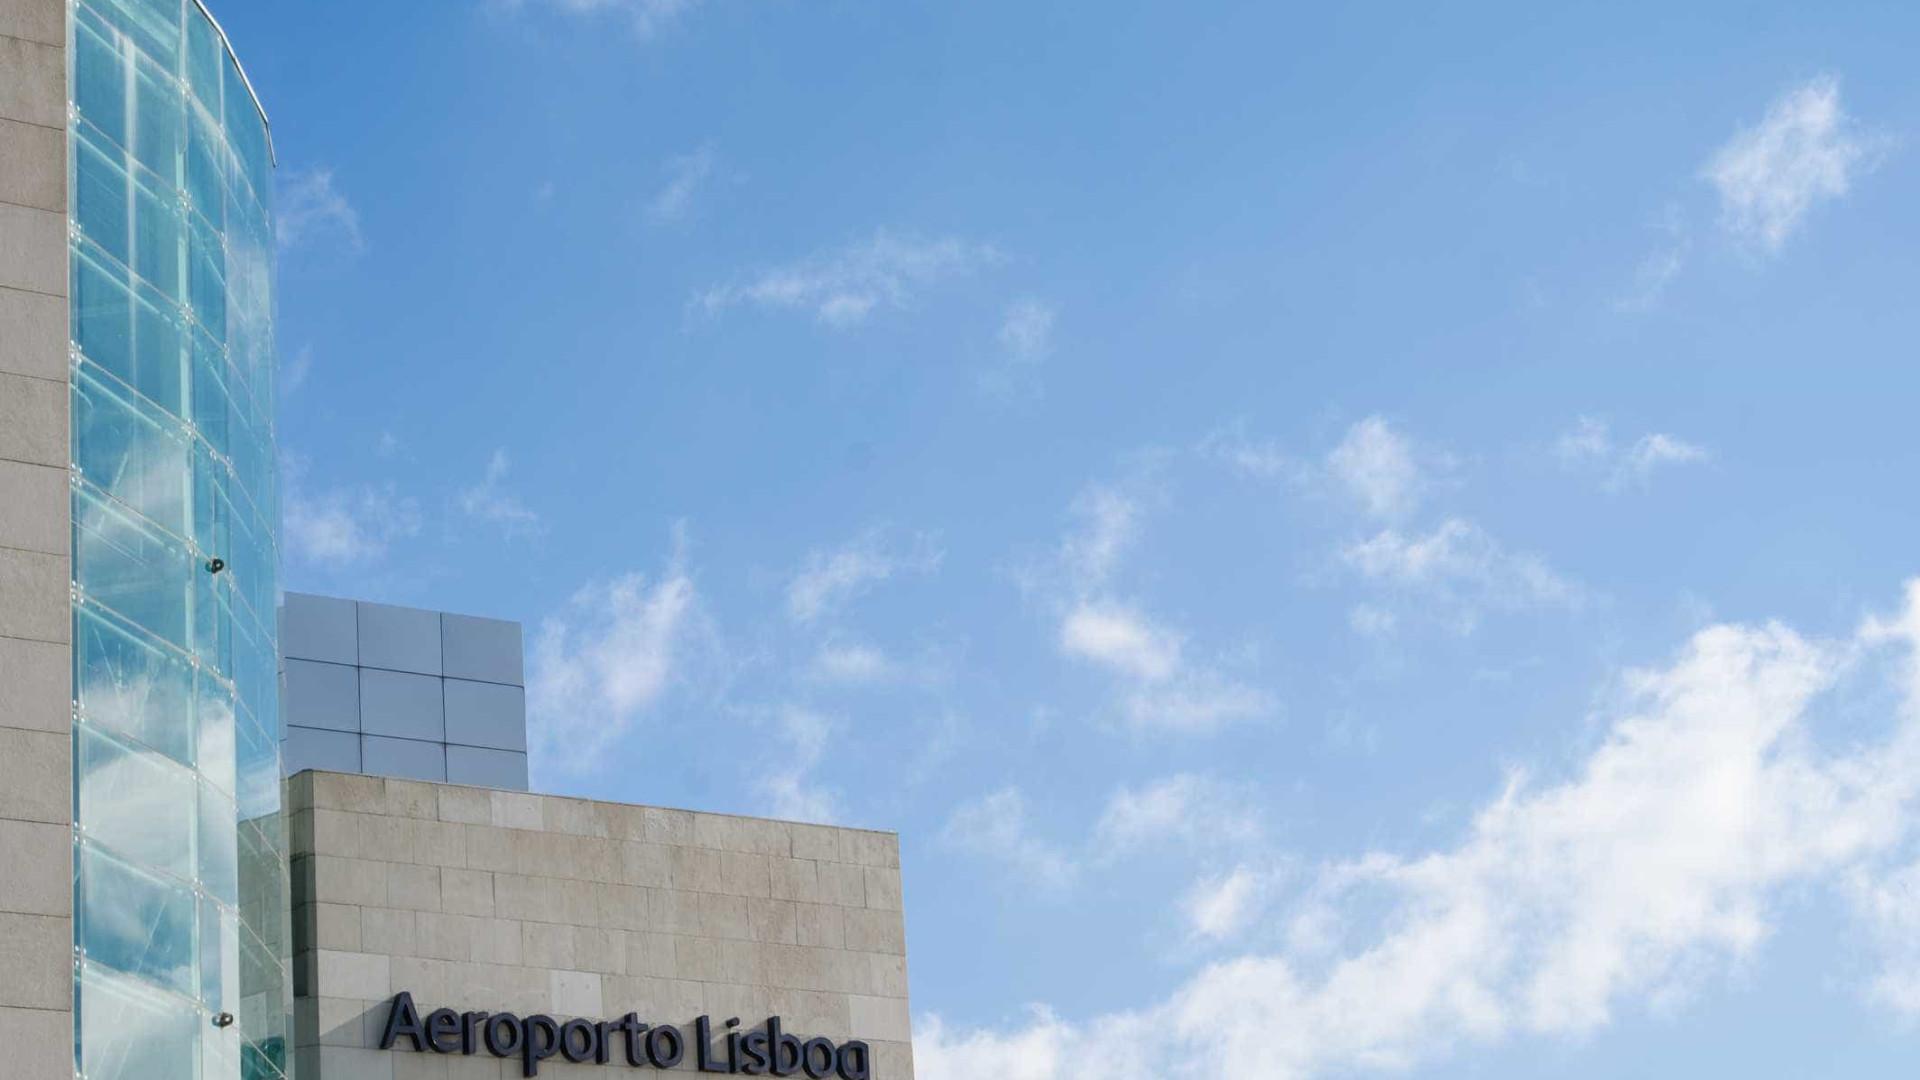 Companhias pedem rapidez no aumento da capacidade do aeroporto de Lisboa